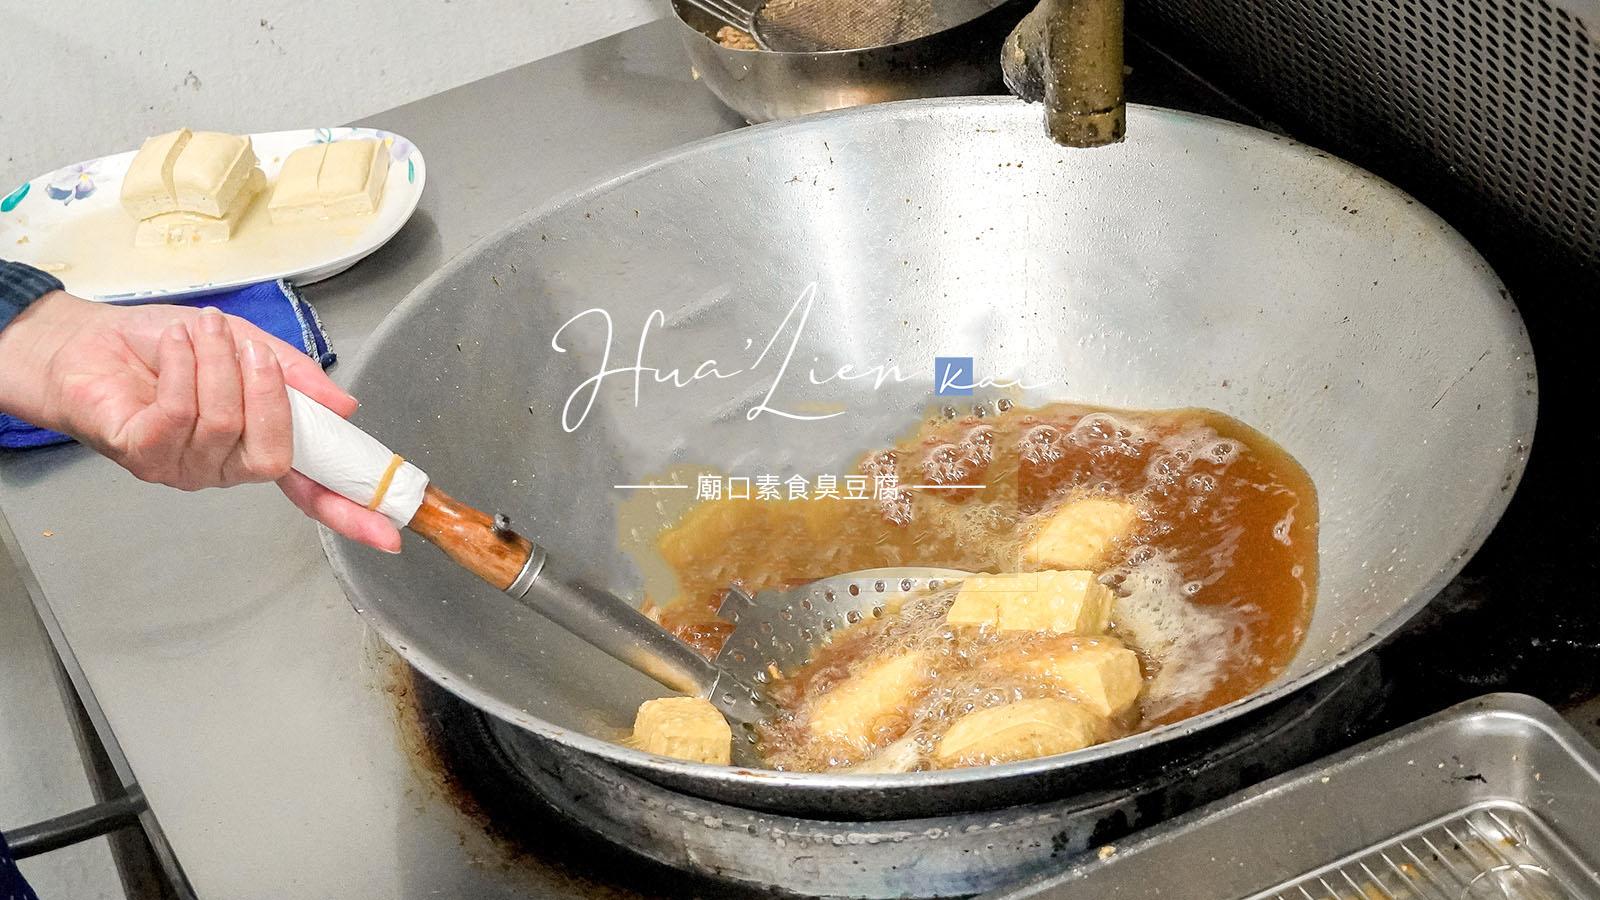 ☆【花蓮美食】廟口必吃美食:花蓮廟口臭豆腐、麵線羹 @凱的日本食尚日記